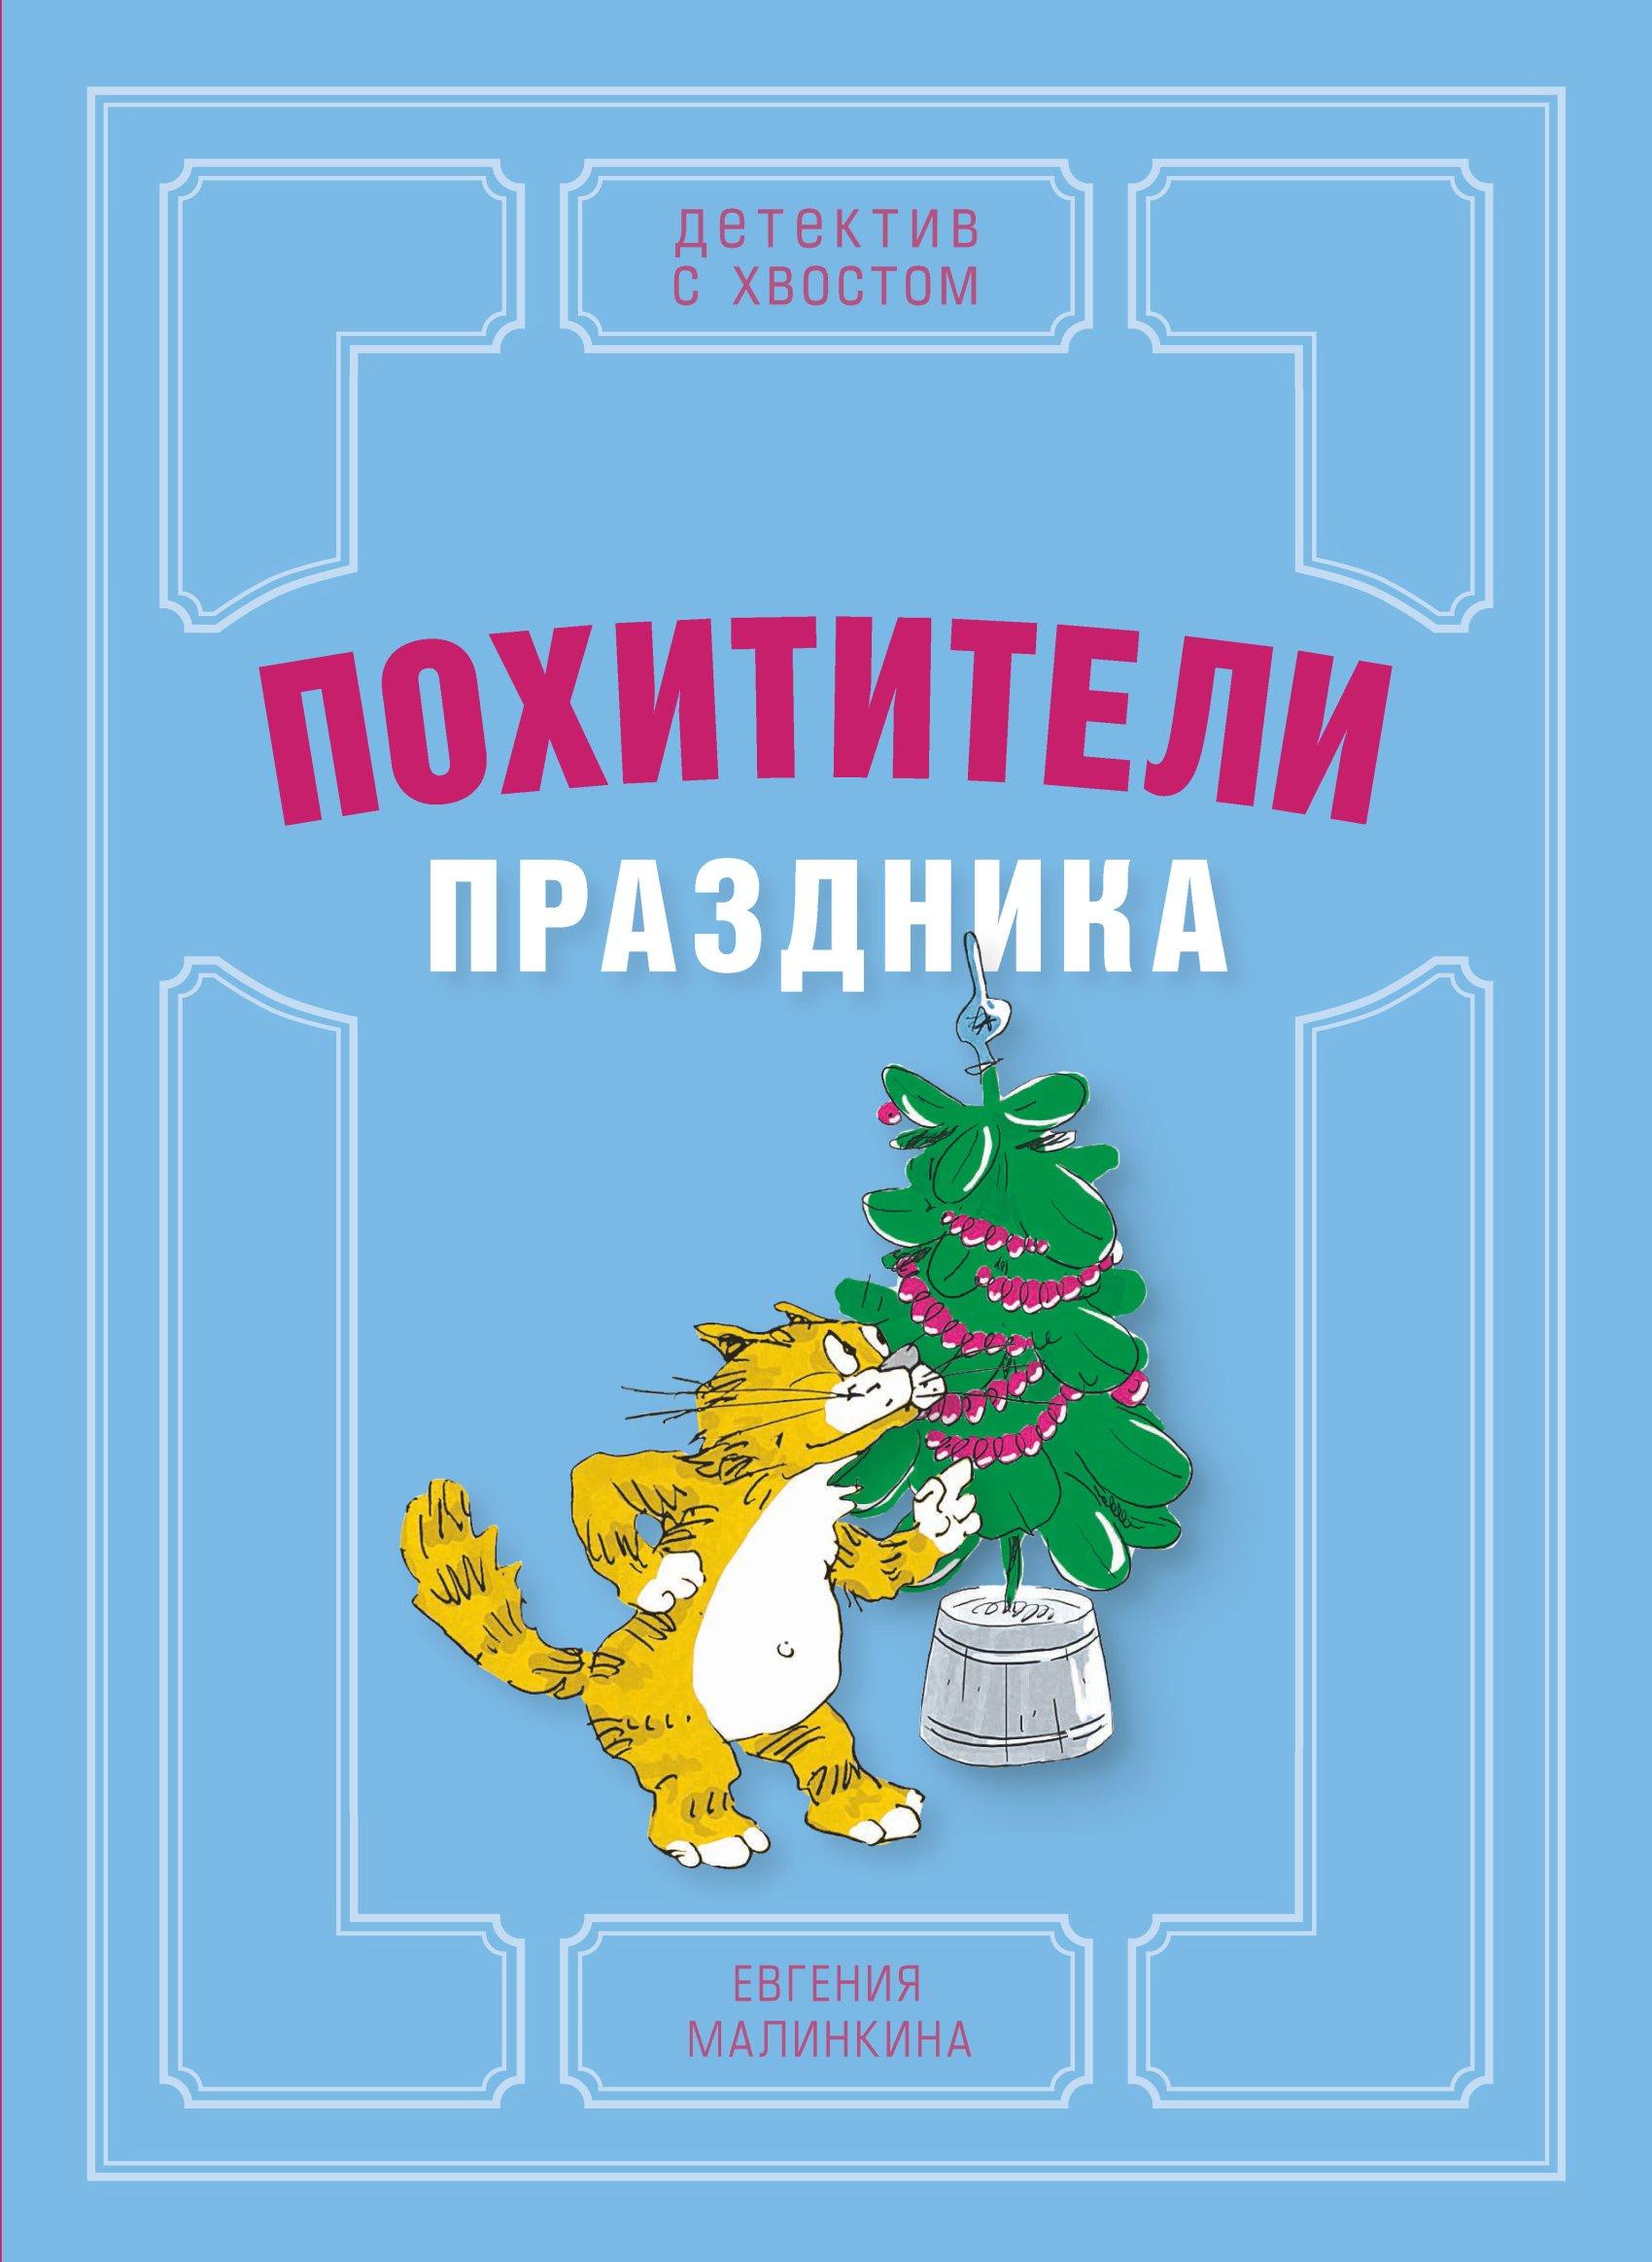 Евгения Малинкина - Похитители праздника